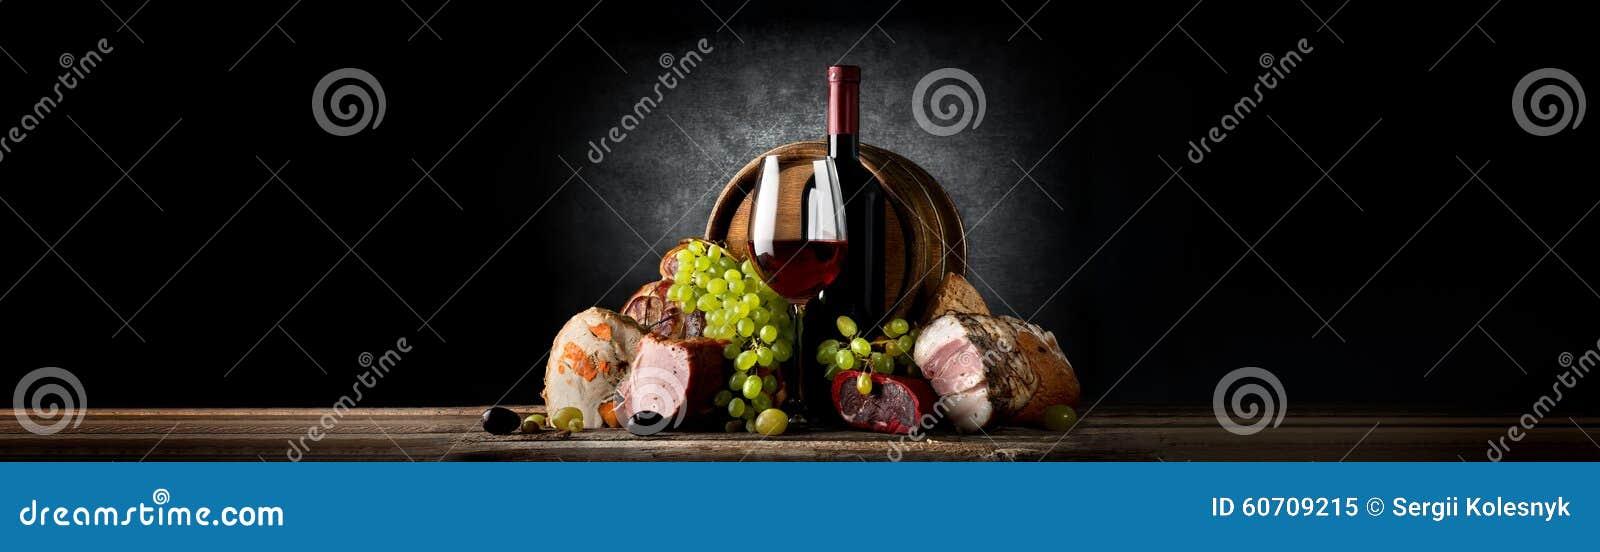 Composição com vinho e alimento